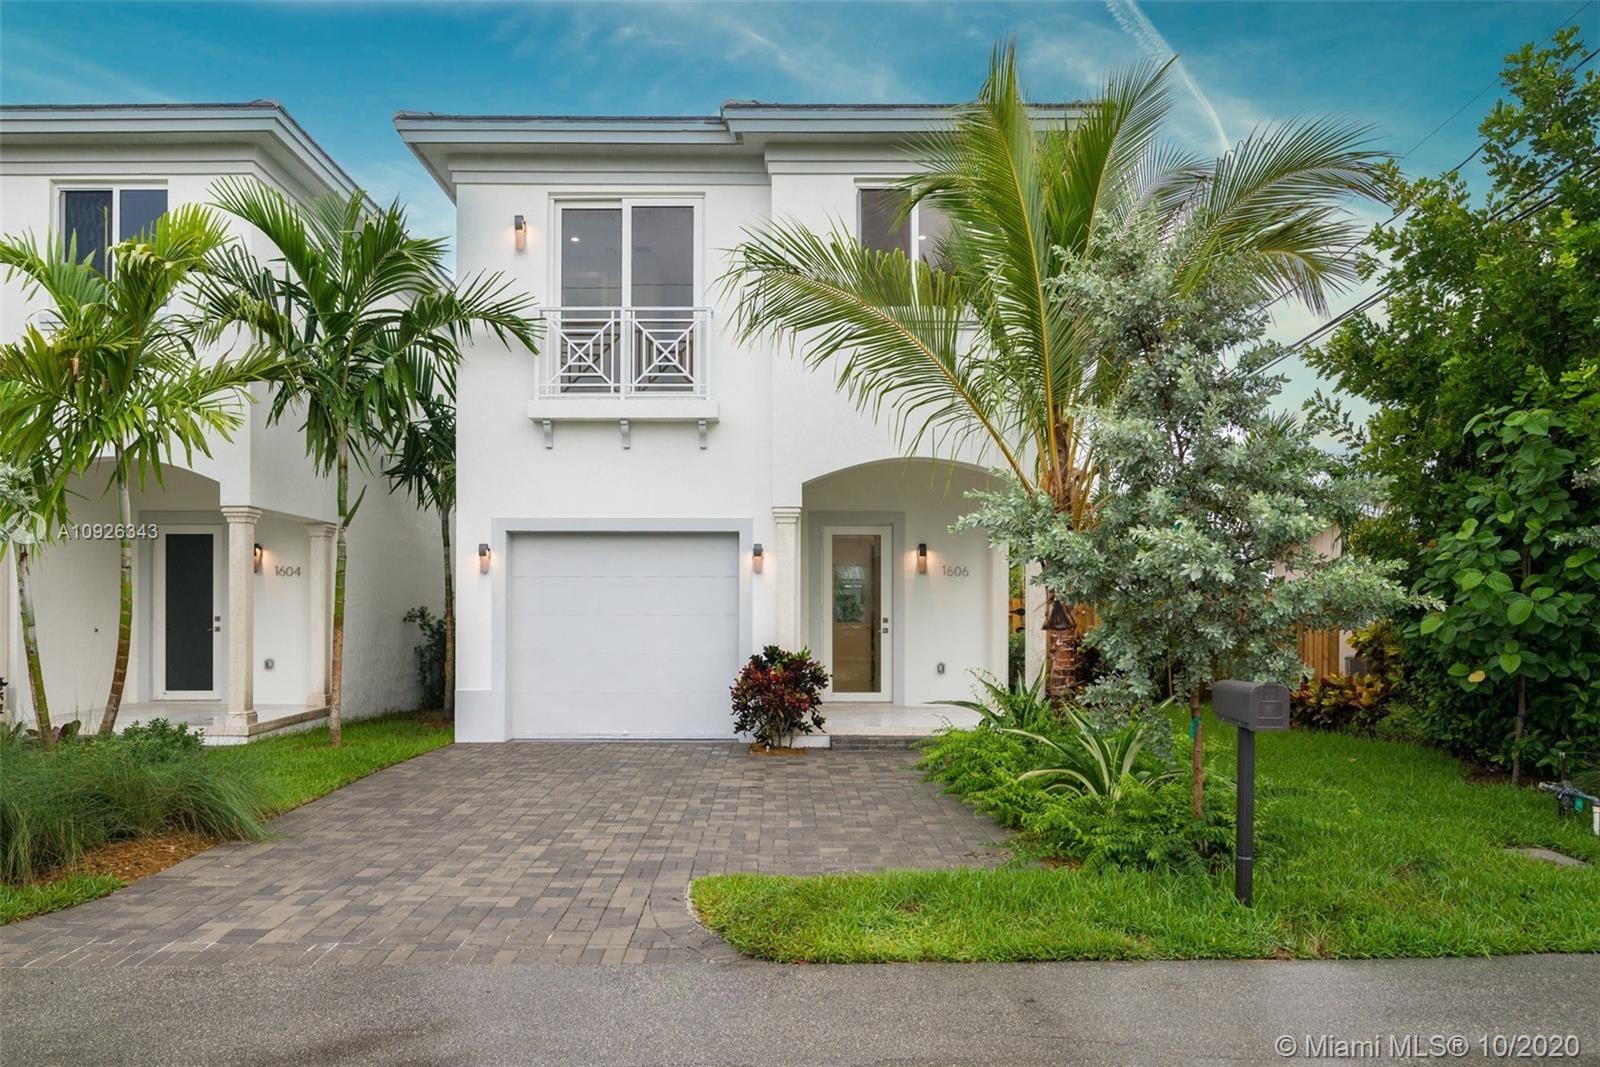 1606 Hayes St, Hollywood, FL 33020 - #: A10926343